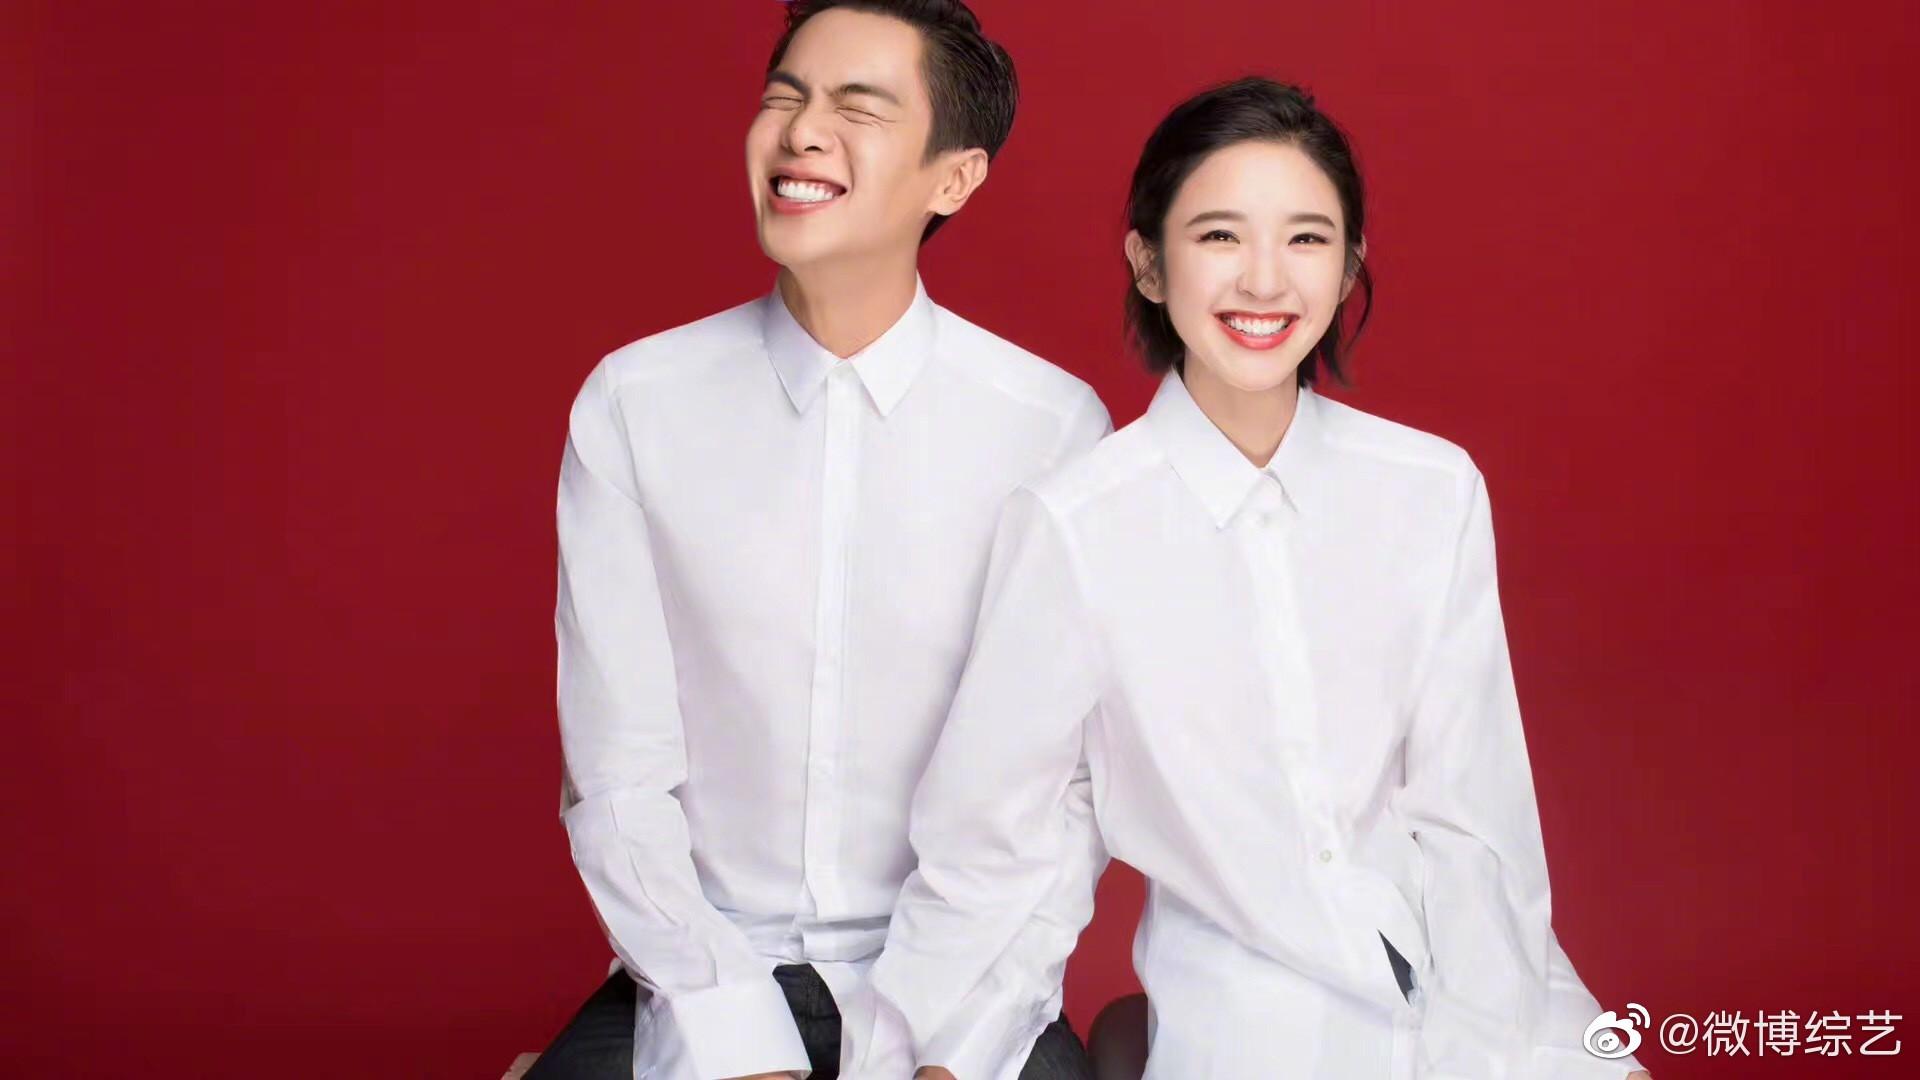 Bộ ảnh cưới tràn ngập hạnh phúc và nụ cười tít mắt của cặp đôi Tây Du Ký trước giờ G được tiết lộ - Ảnh 10.